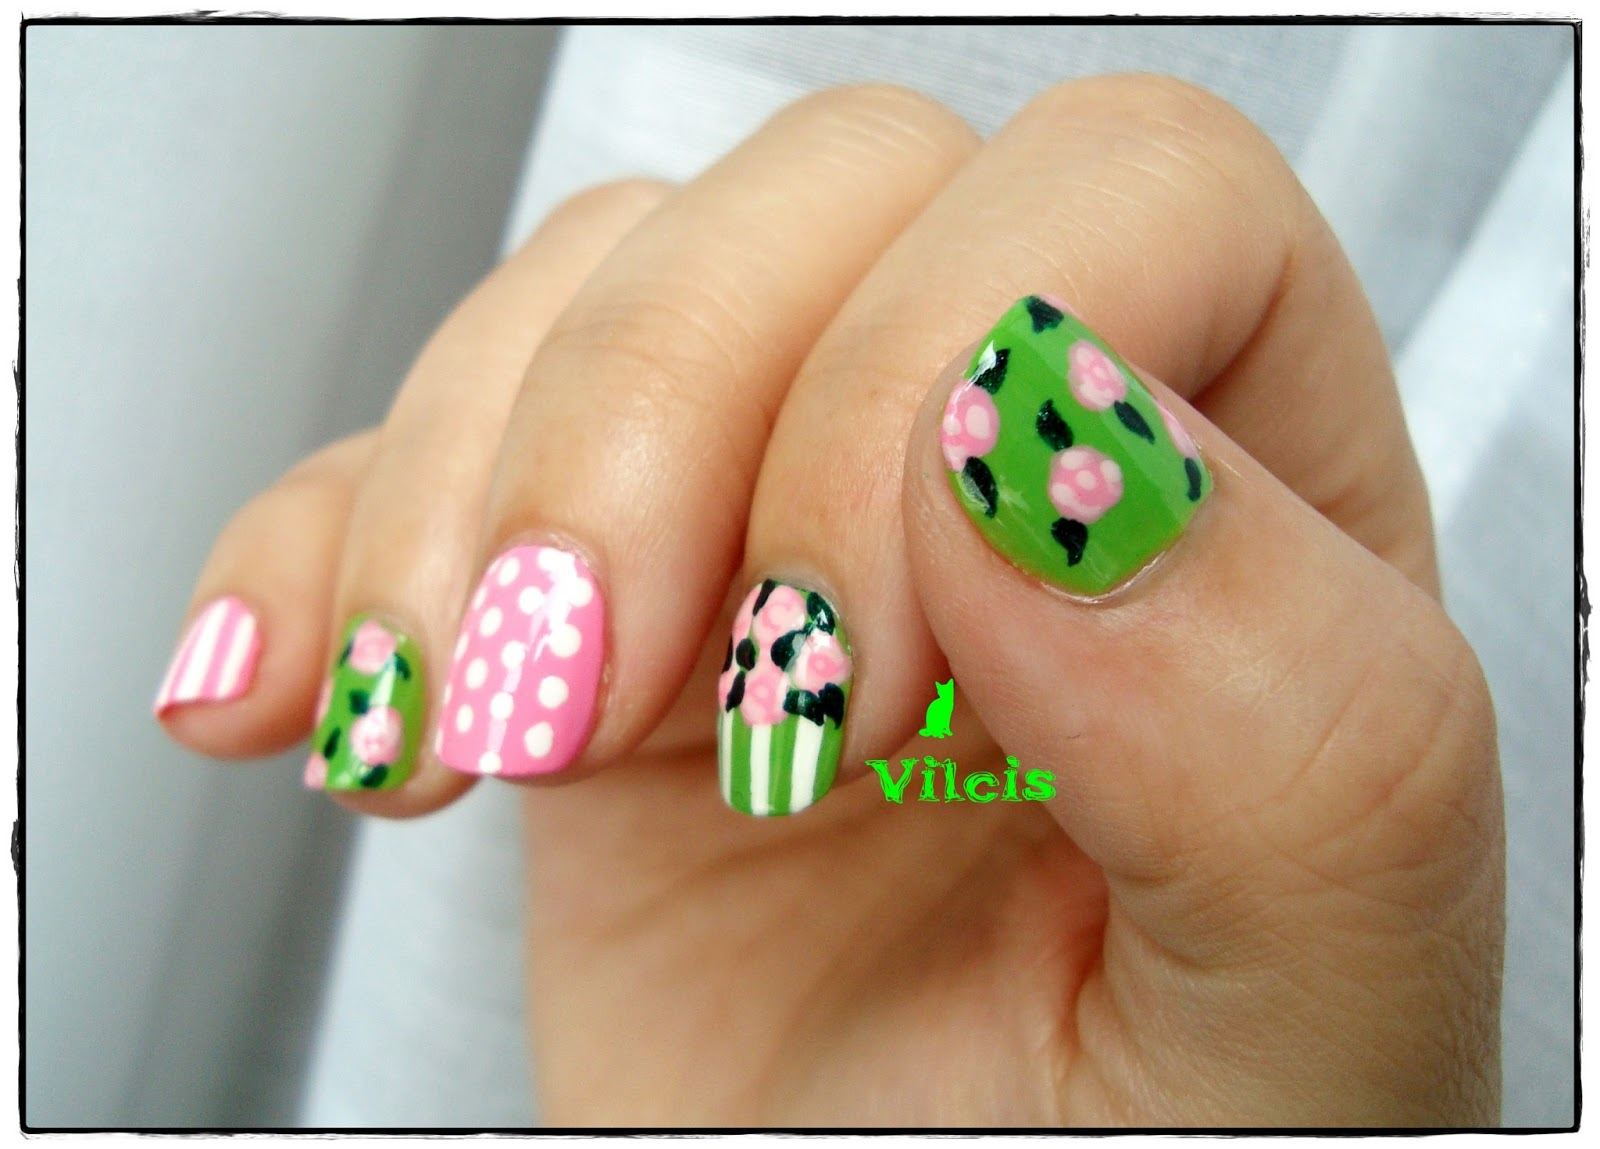 Vilcis nail designs: Diseño de uñas de primavera con rosas y hojas